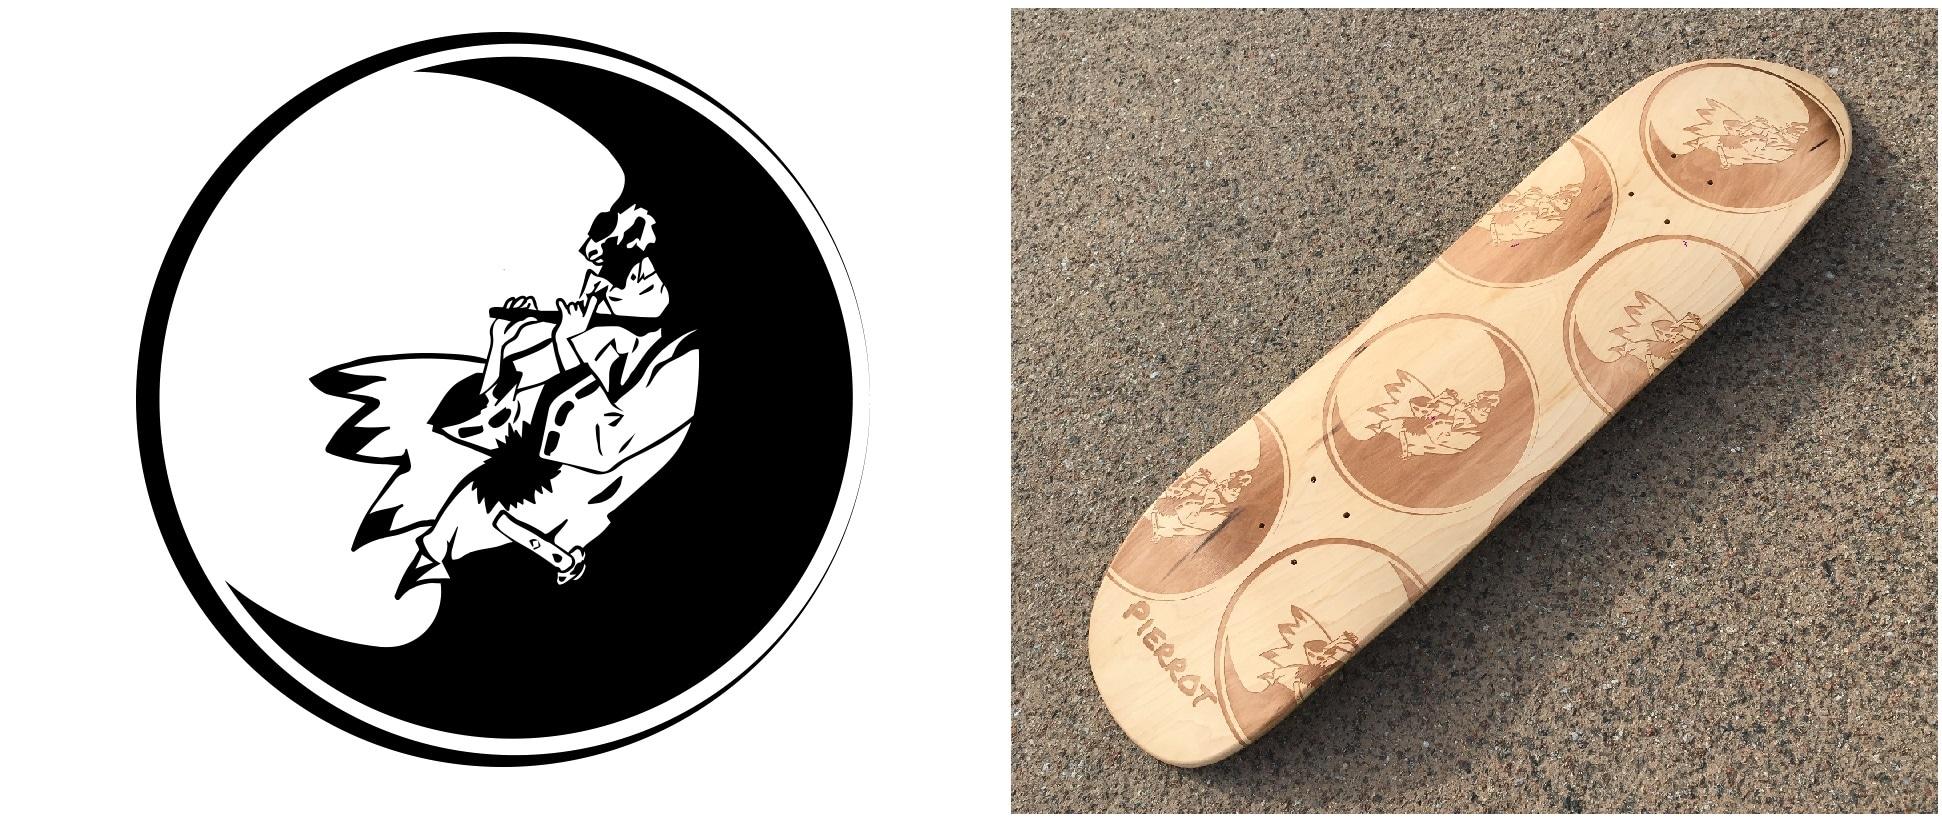 Le logo original et le cruiser custom de Shanny pour Pierrot